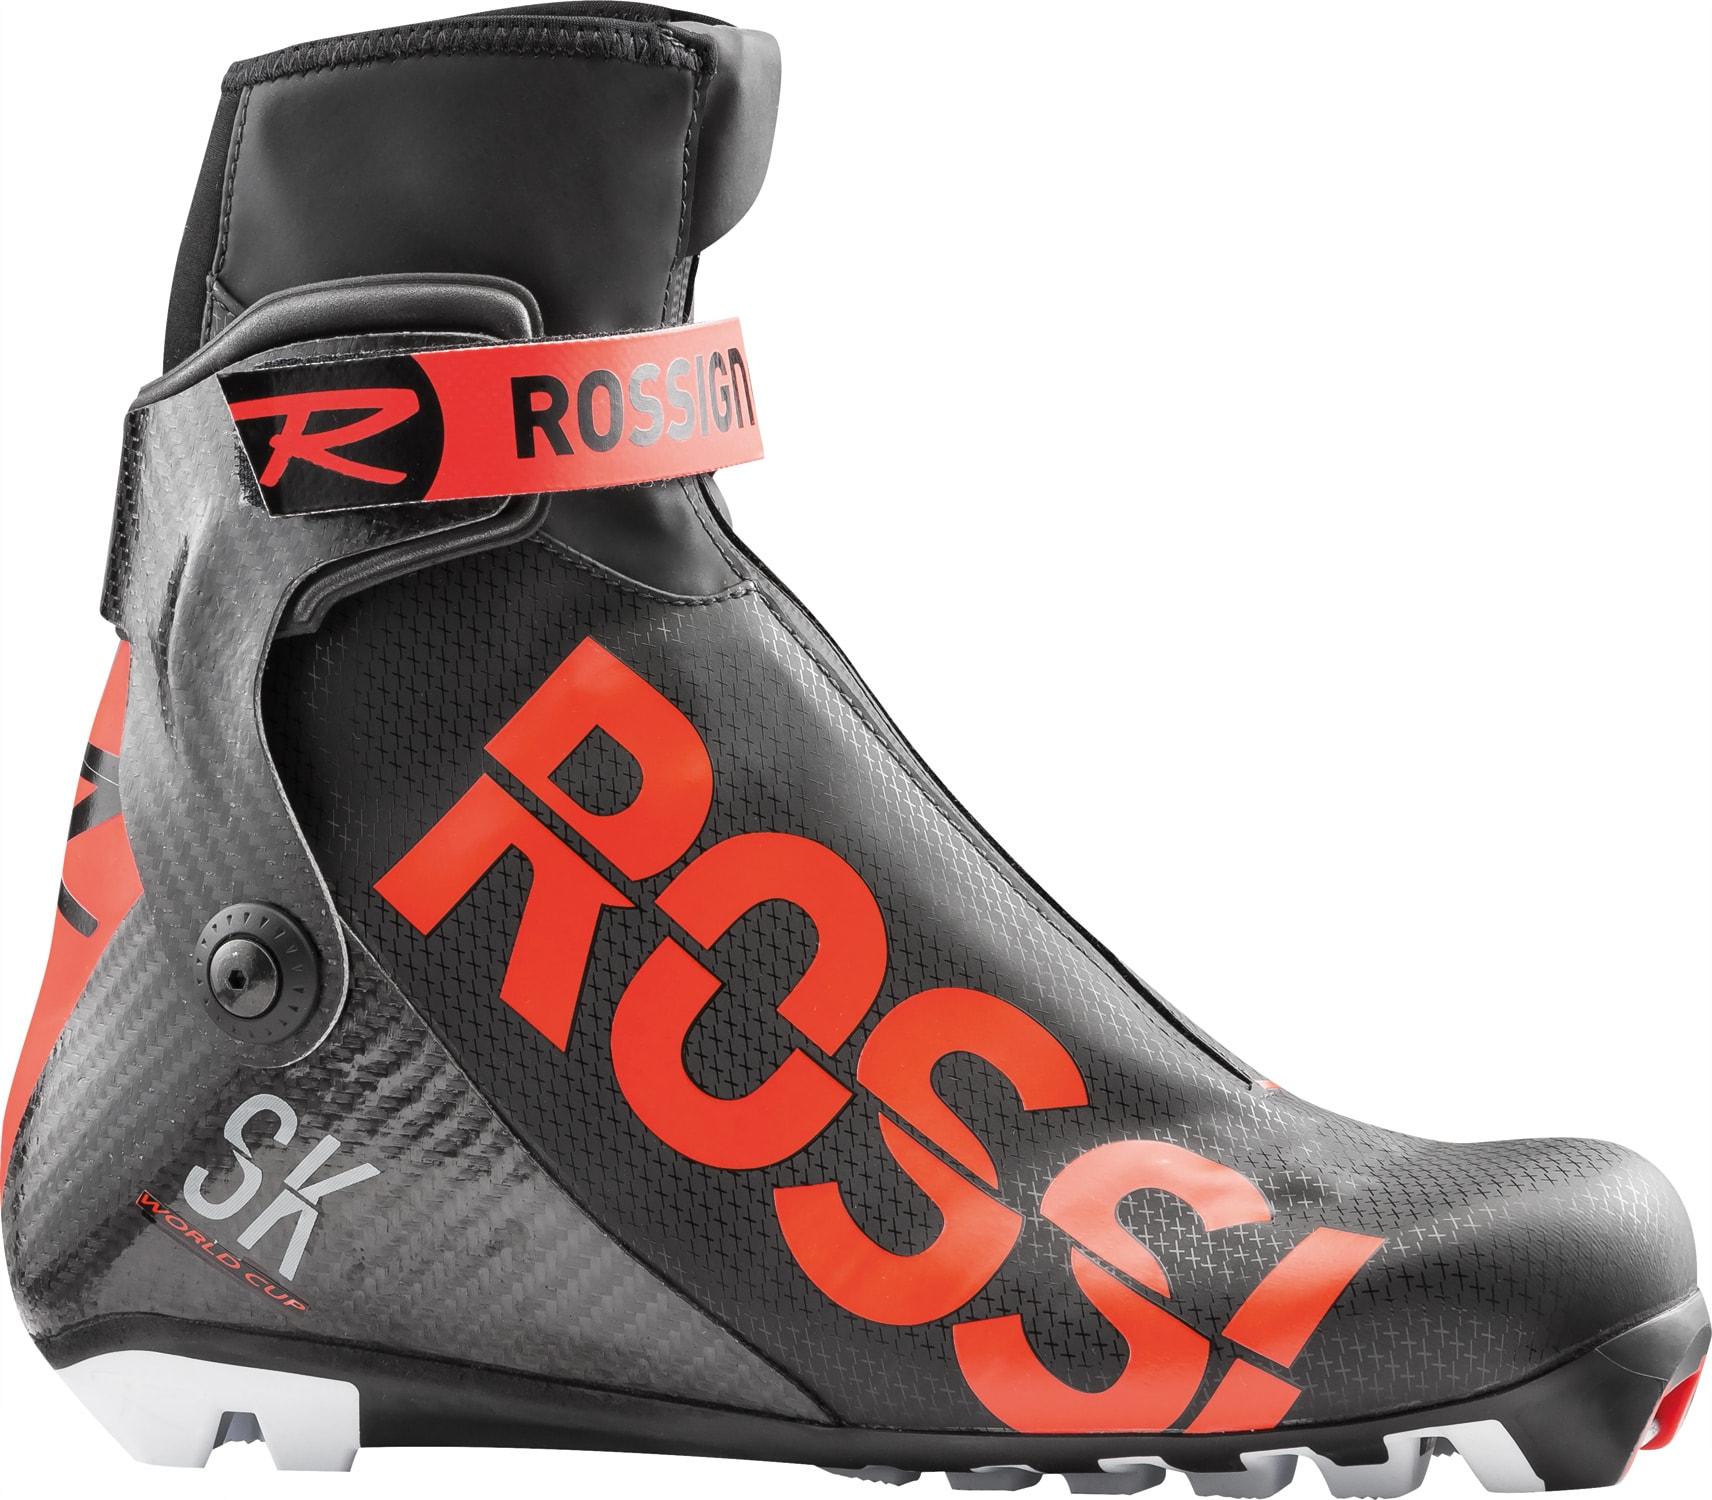 Rossignol X Ium Wc Skate Xc Ski Boots 2019